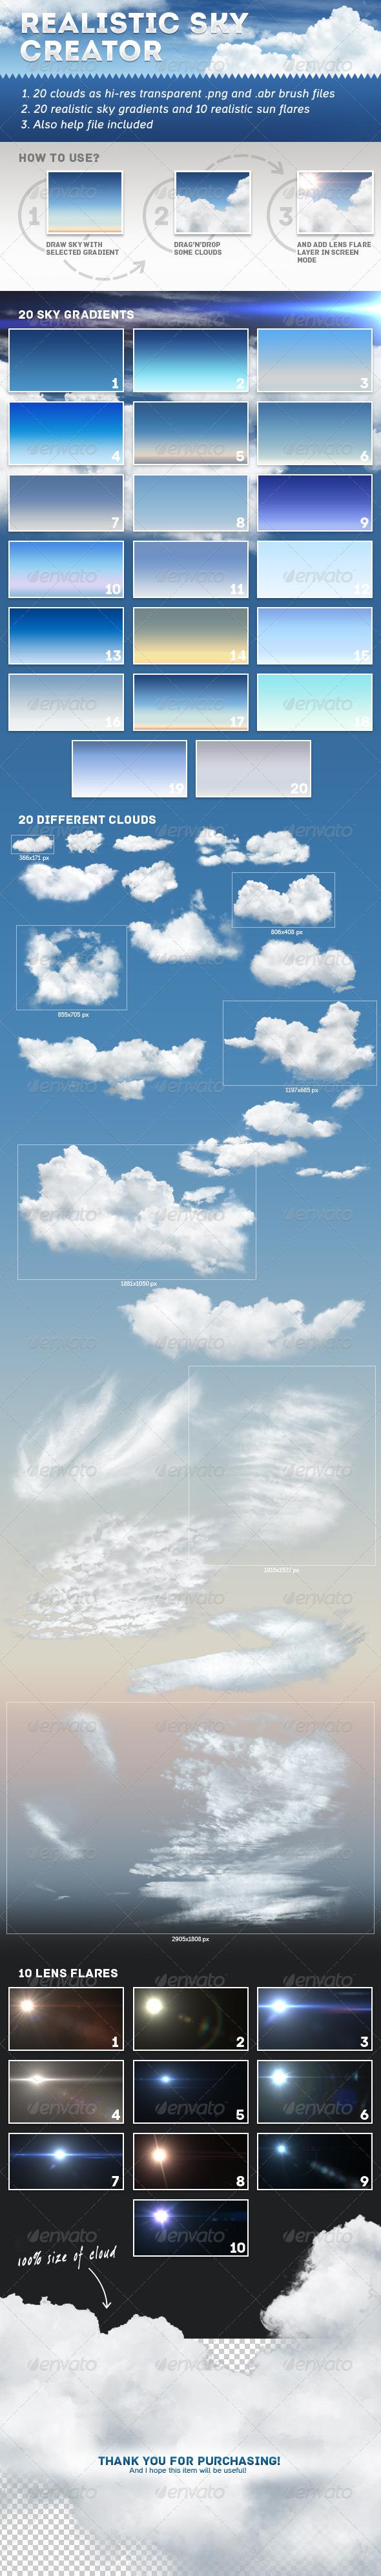 GraphicRiver Realistic Sky Creator 7136233